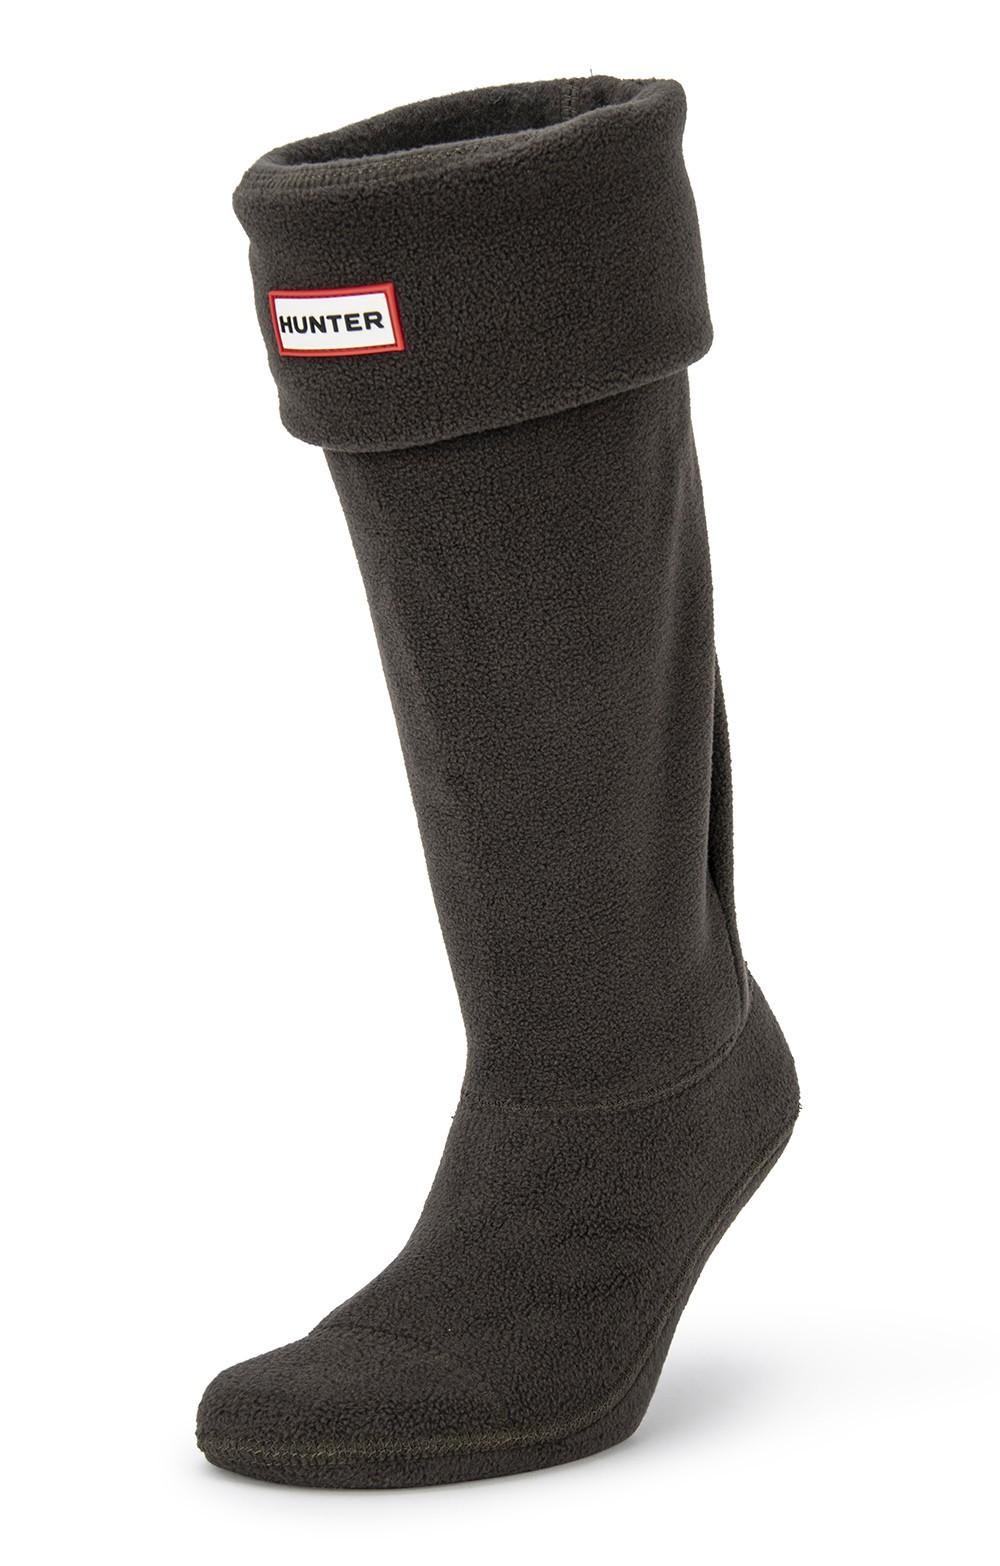 Hunter Adult Welly Socks | Men's Socks